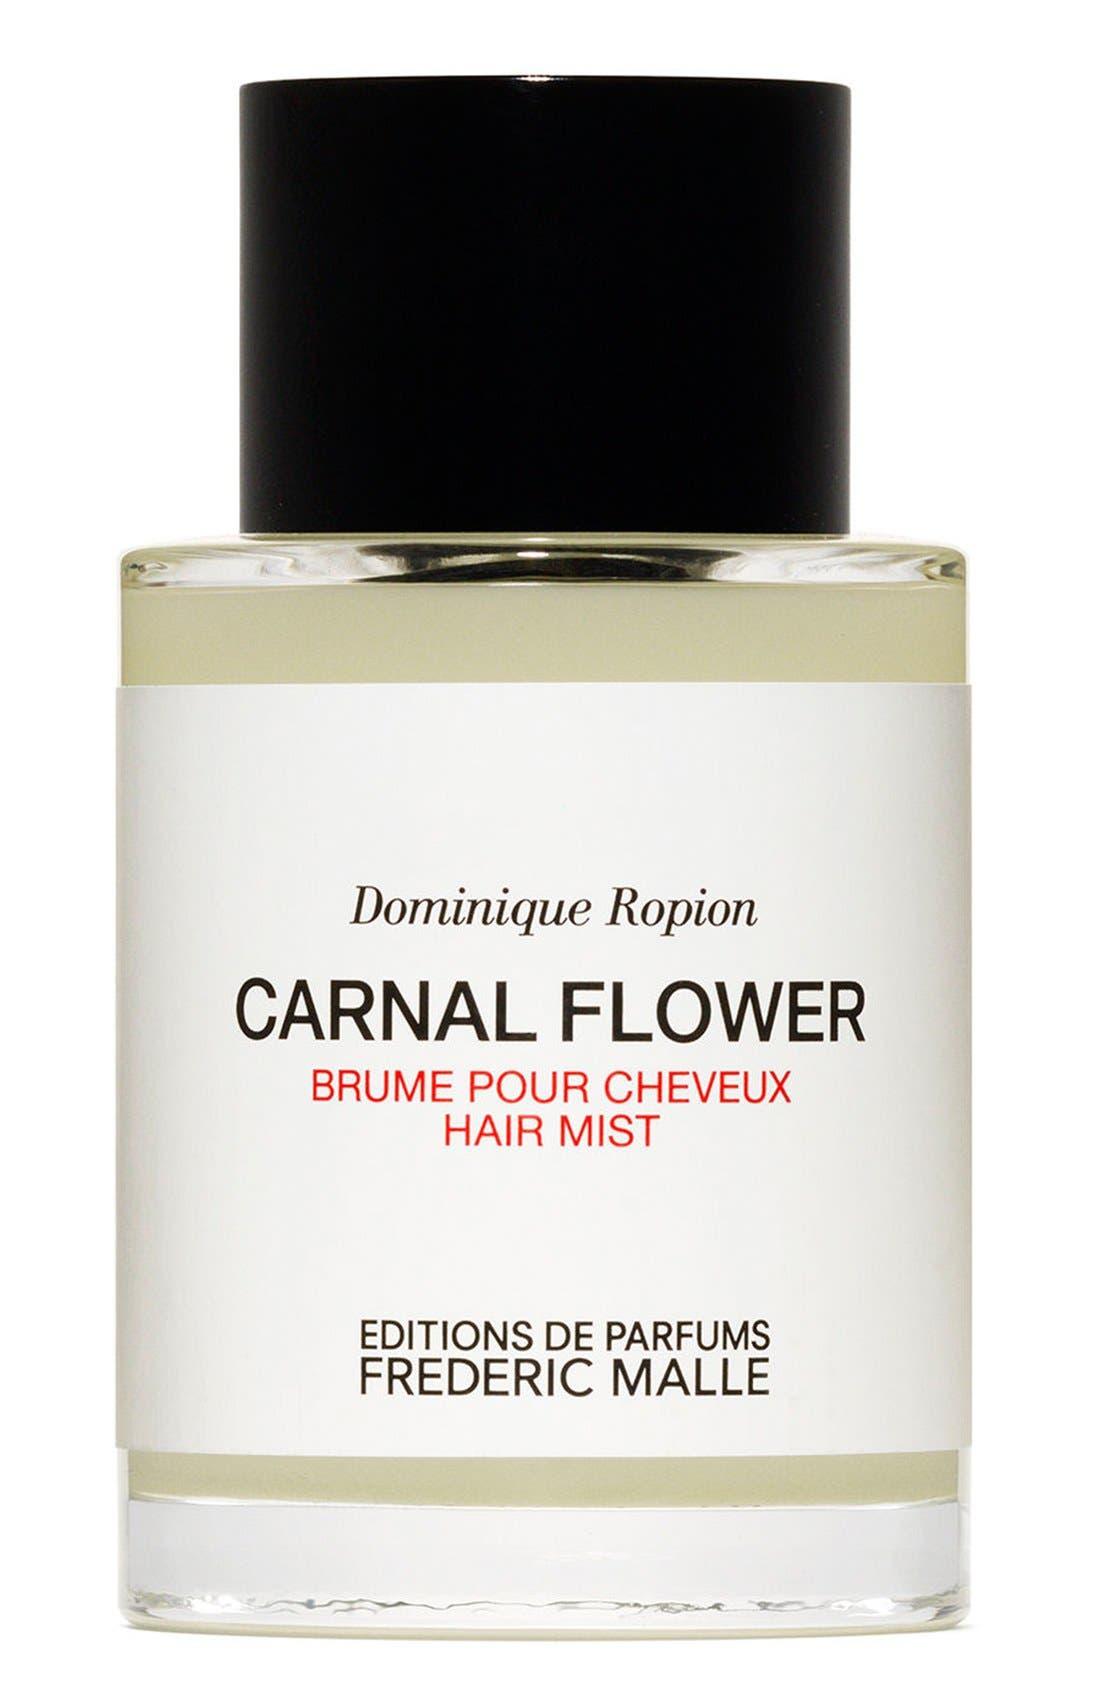 Editions de Parfums Frédéric Malle Carnal Flower Hair Mist